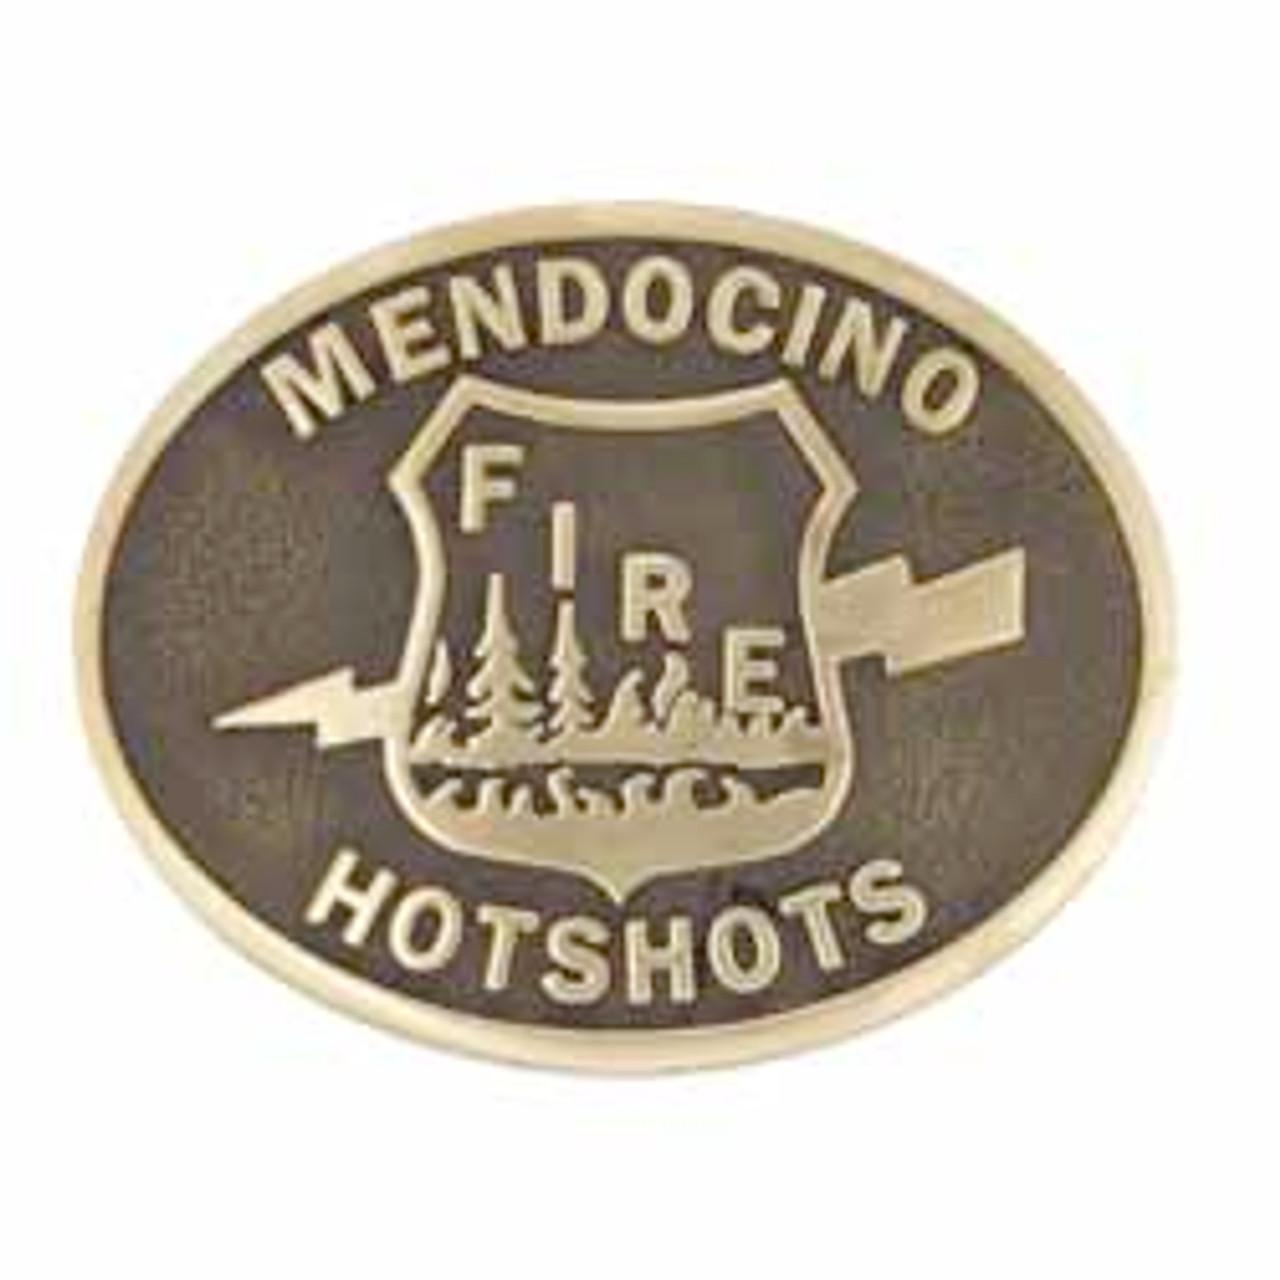 Mendocino Hotshots Buckle (RESTRICTED)